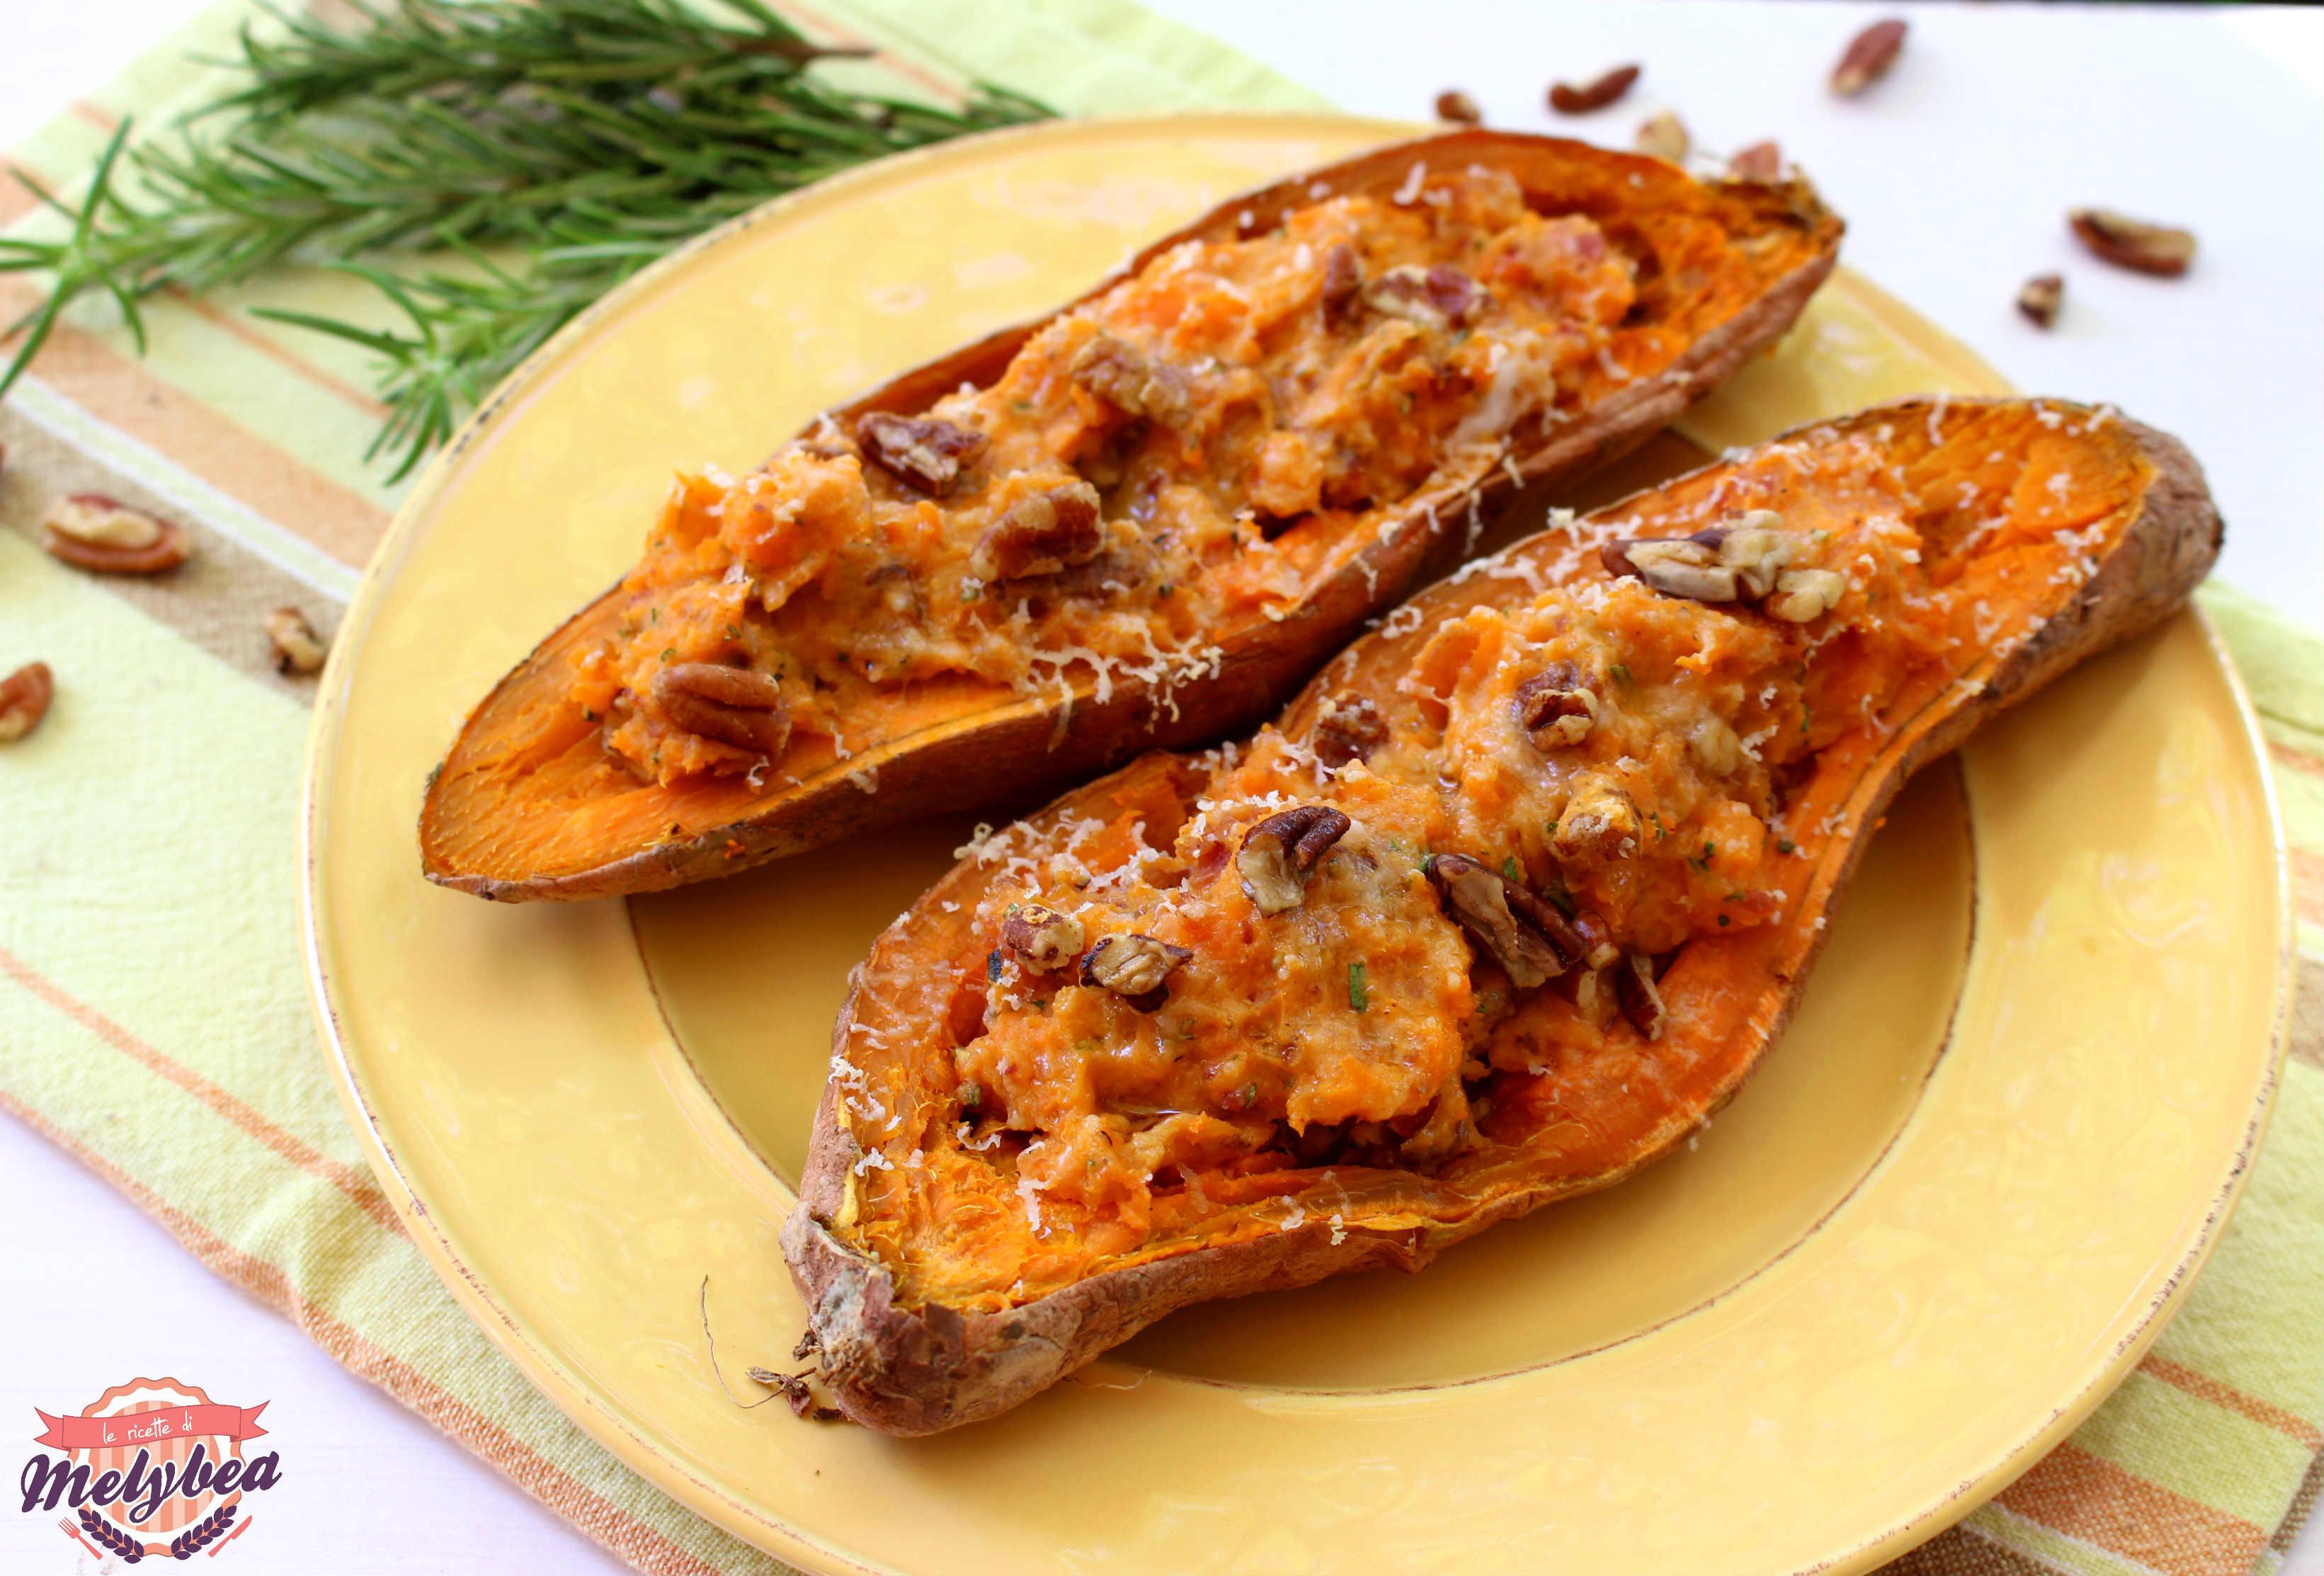 Patate dolci ripiene con bacon e noci